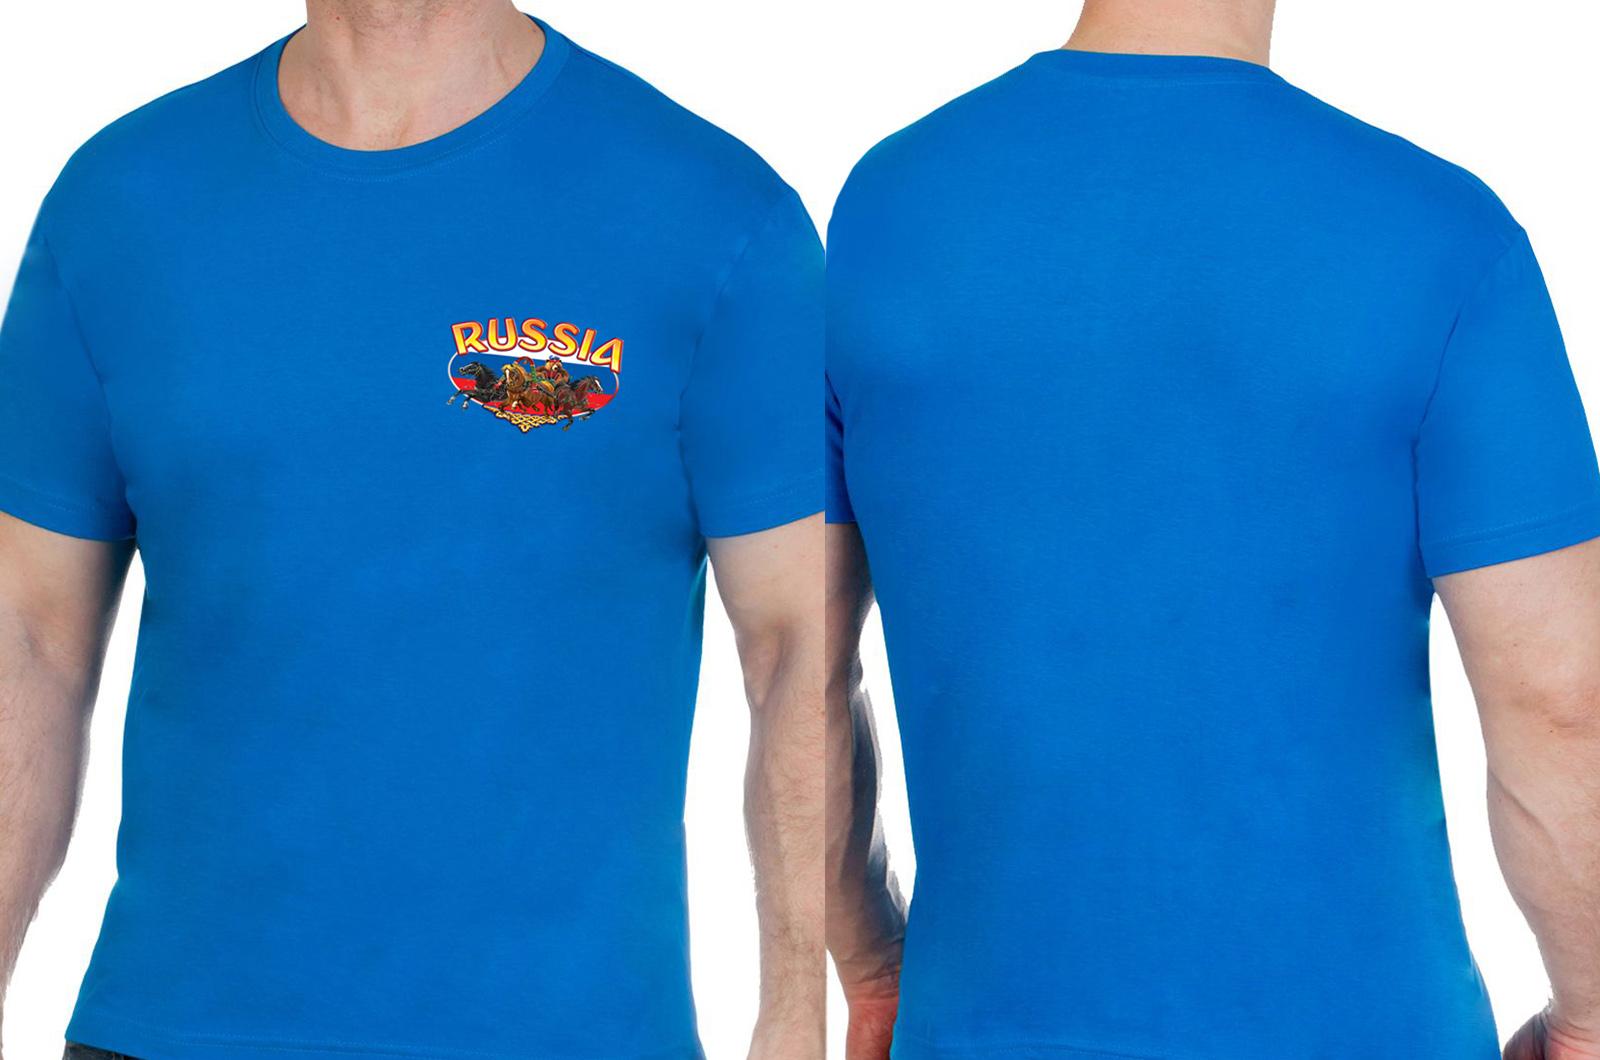 Хлопковая синяя футболка РОССИЯ - заказать онлайн